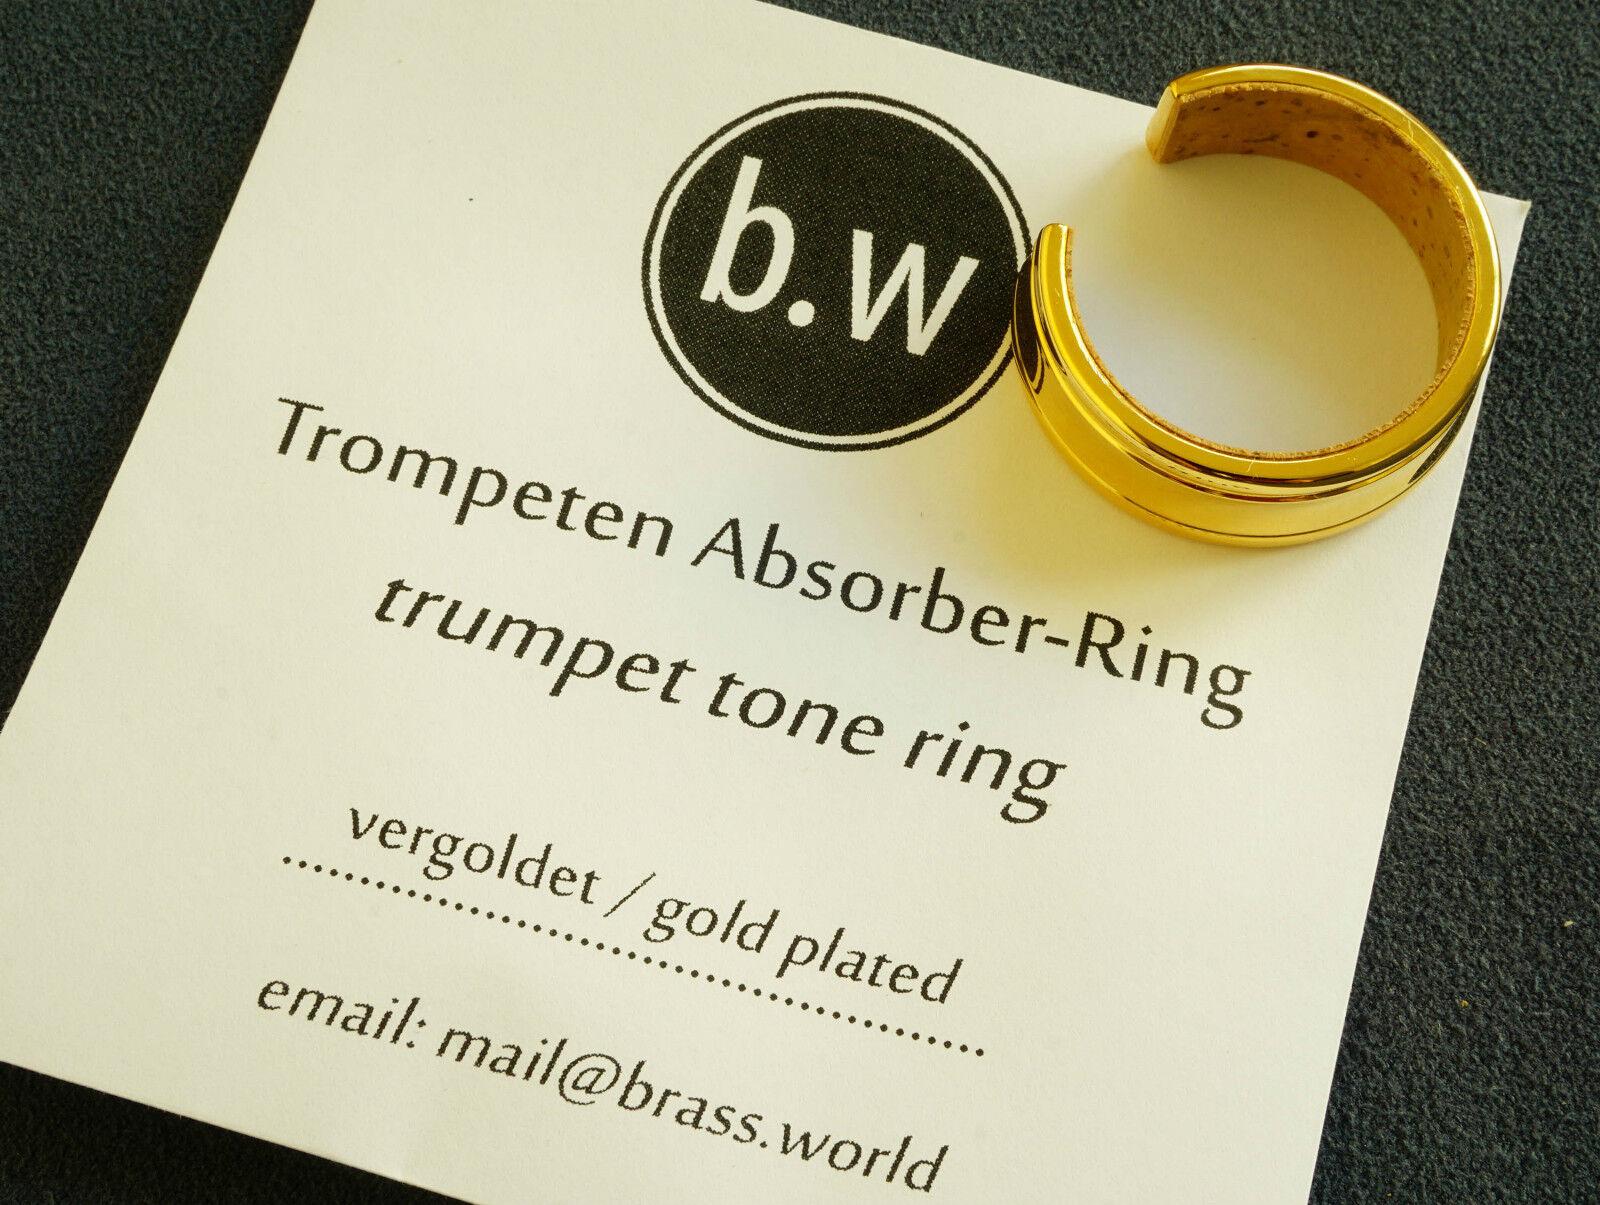 Absorber-Ring Tonring für Trompeten und Flügelhörner -verGoldet-